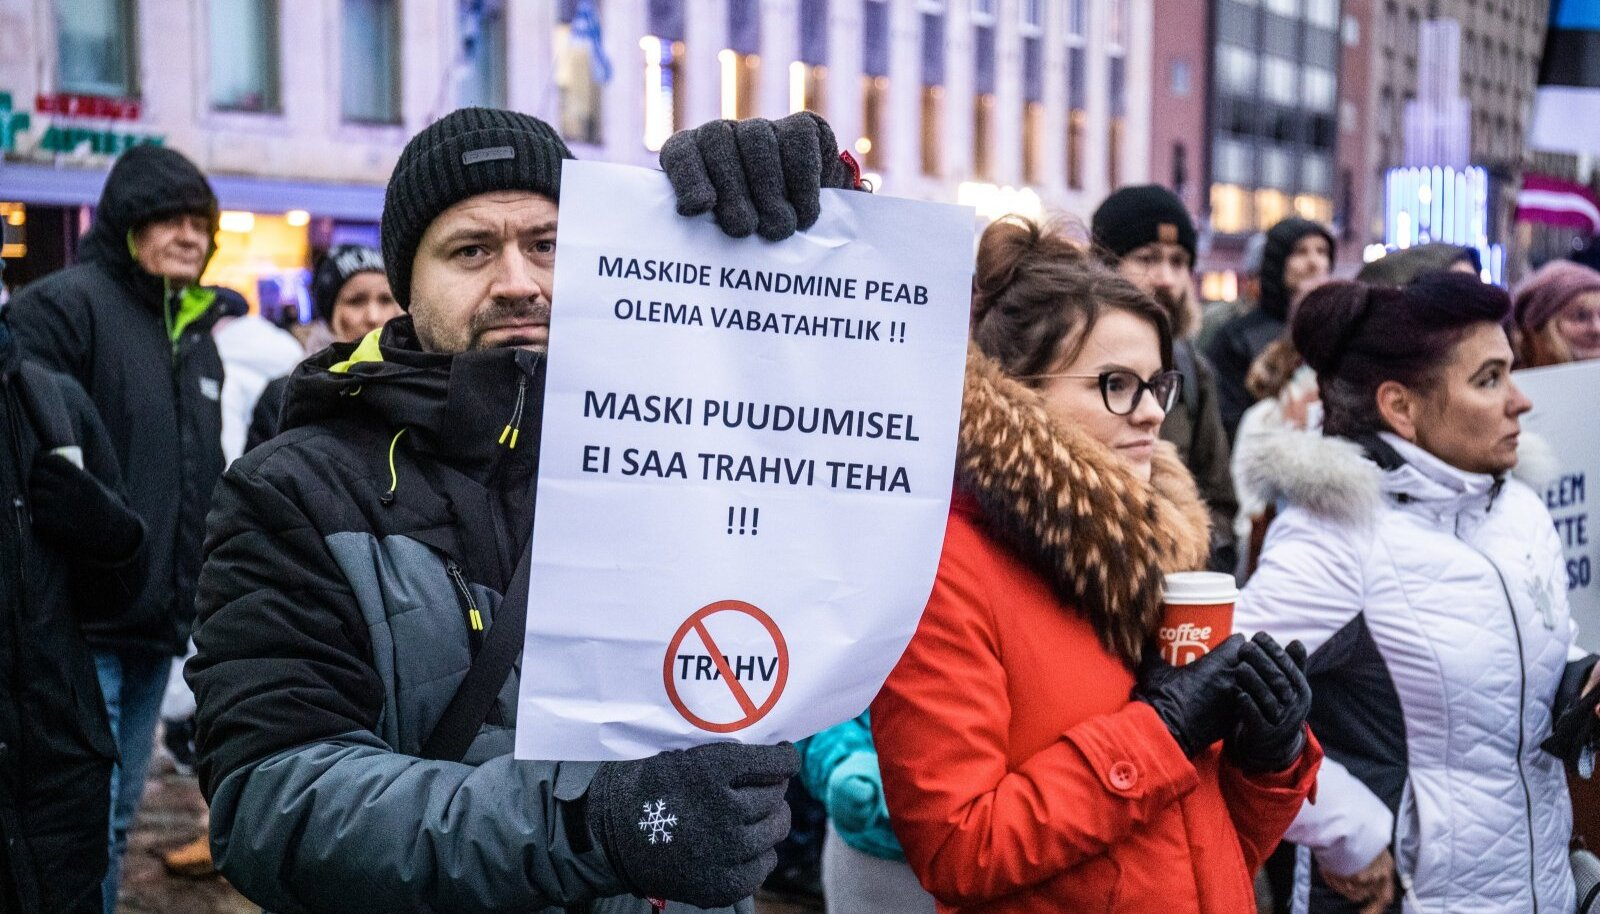 Maskivastaste meeleavaldus Vabaduse platsil novembris. Kas täna, enam kui 700 koroonasse surnu taustal on mõni neist oma meelt muutnud? Kindel igatahes see, et politsei veel niipea maski mittekandmise eest trahv teha ei saa.